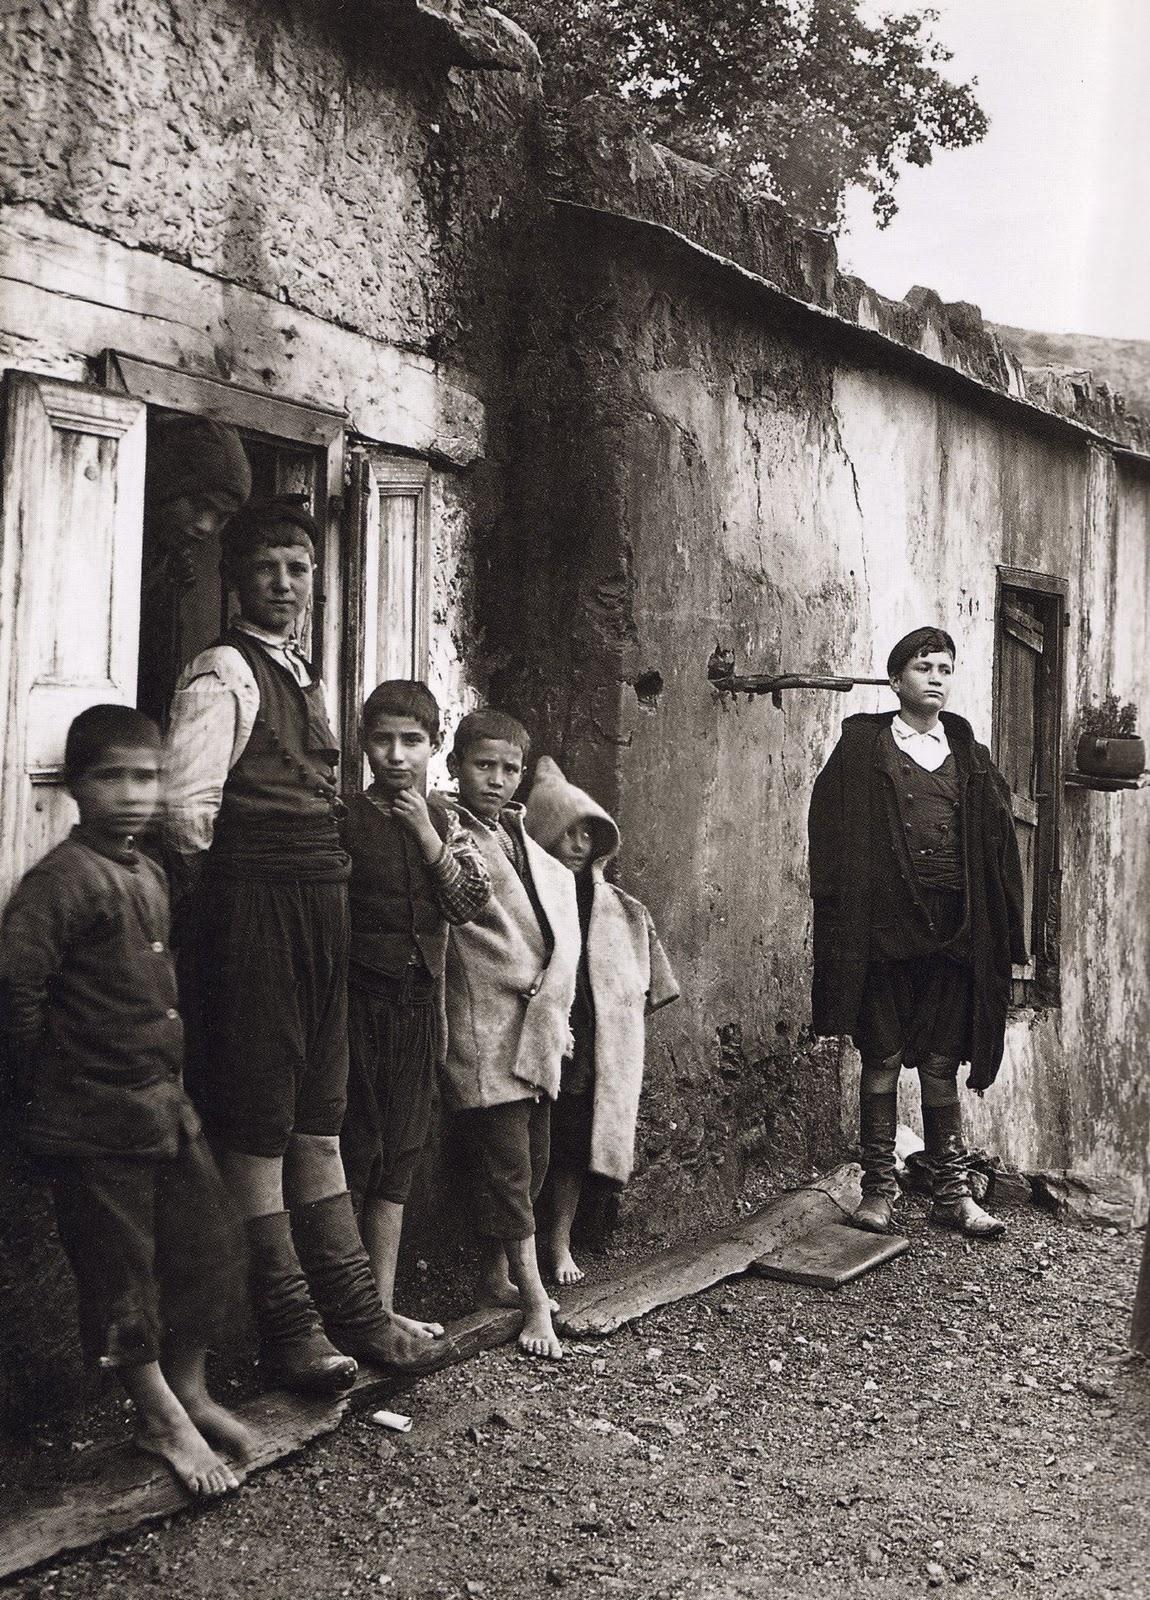 Λάκκοι Χανίων - Οικογένεια Μάντακα - 1911